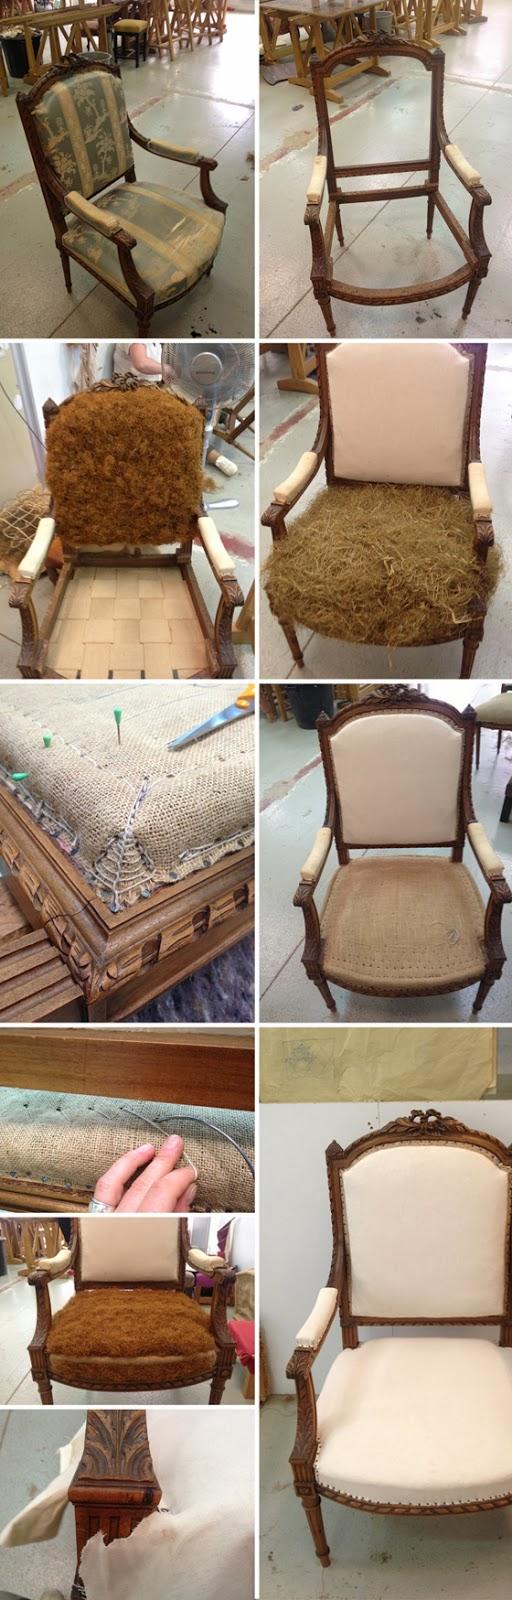 L 39 atelier de la marquise fauteuil la reine - Fauteuil confortable pour lire ...